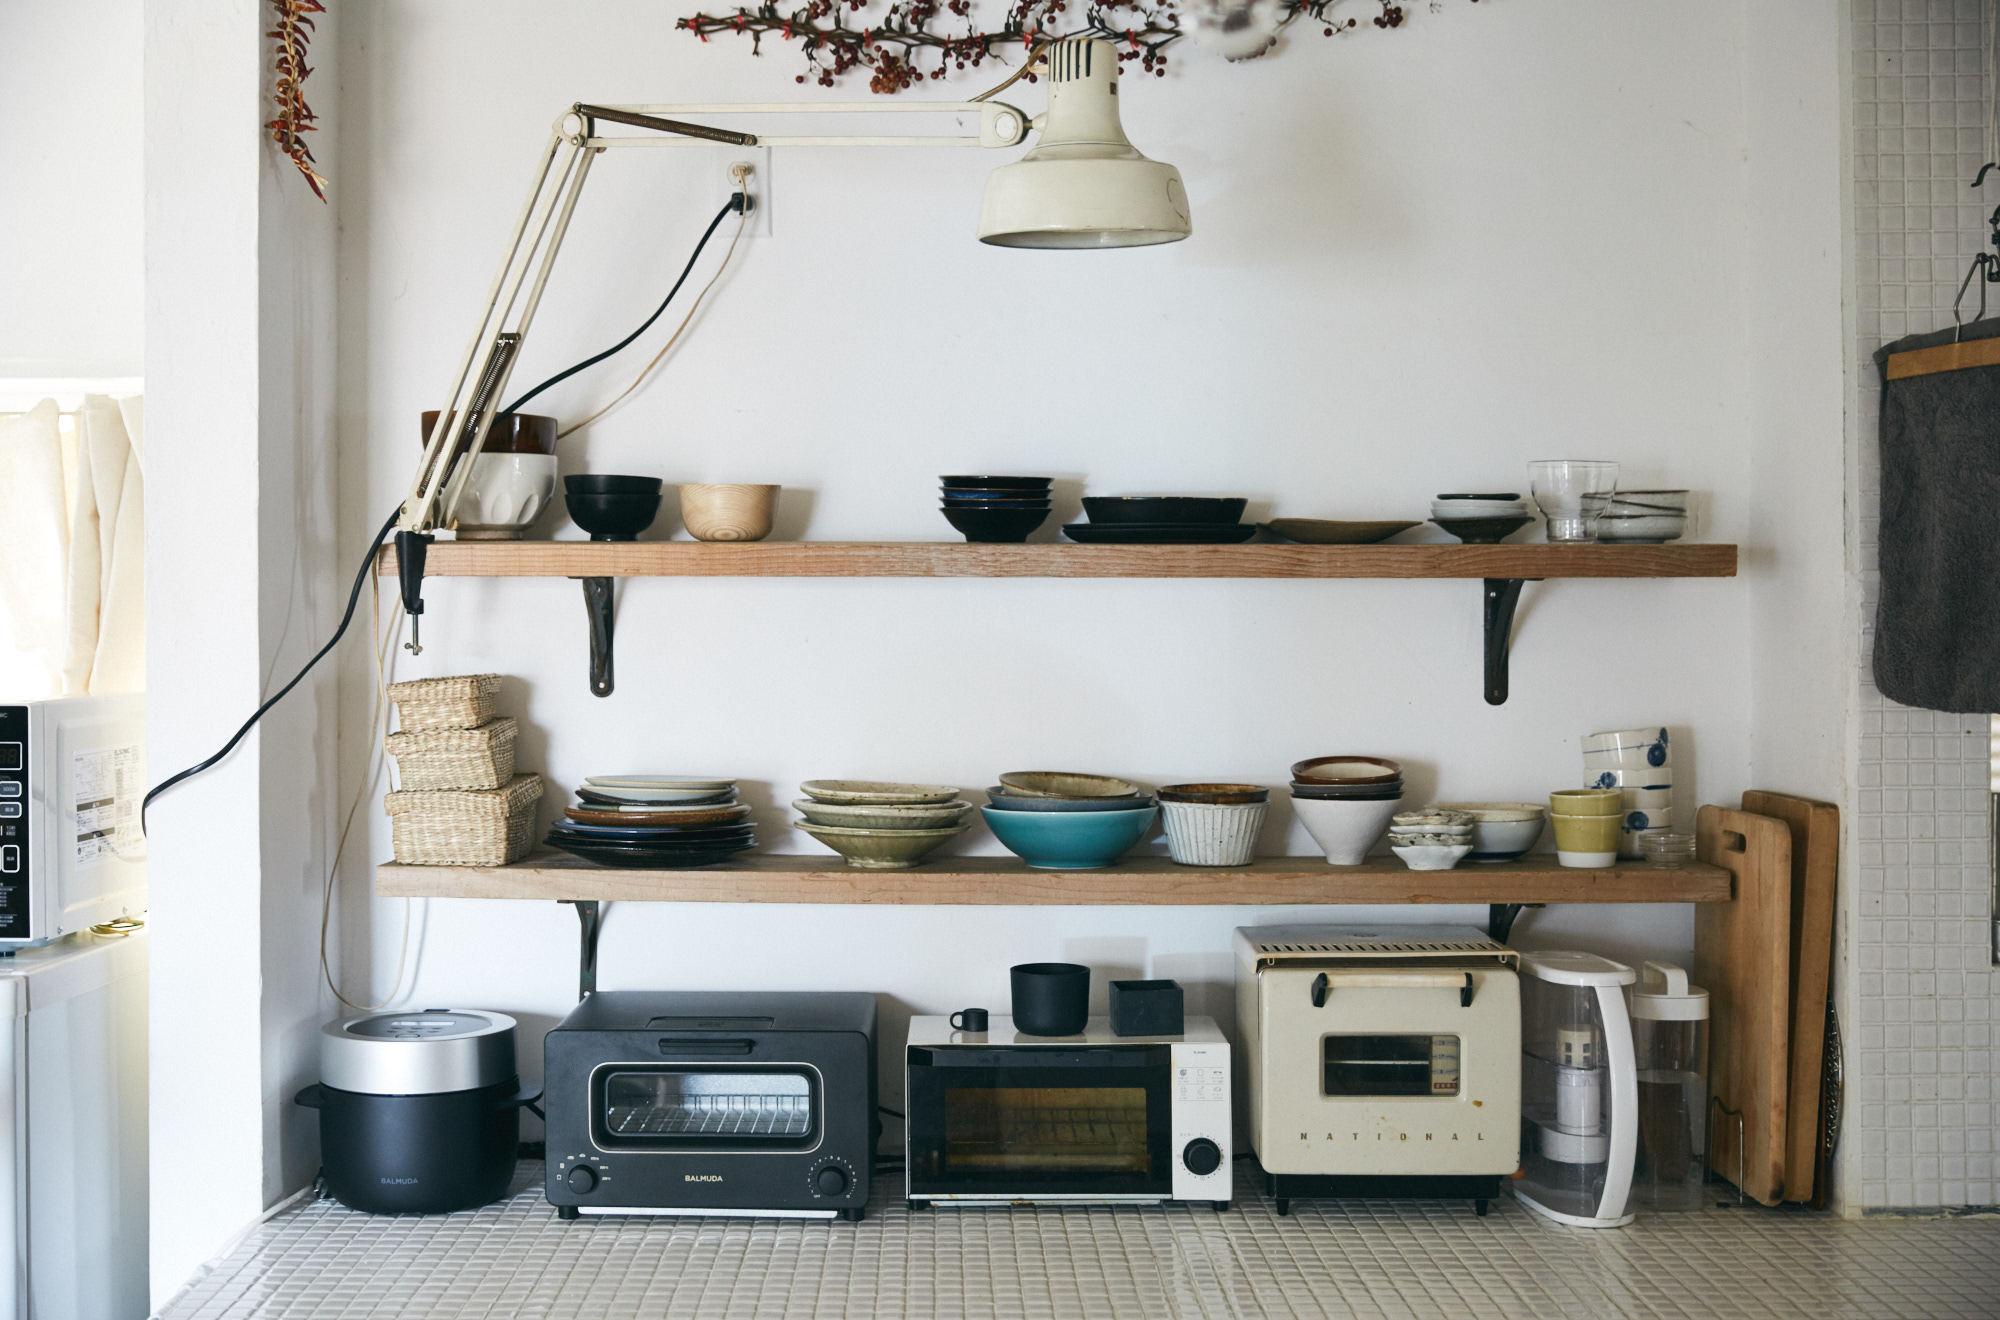 見せる収納がおしゃれなタイル張りのキッチン